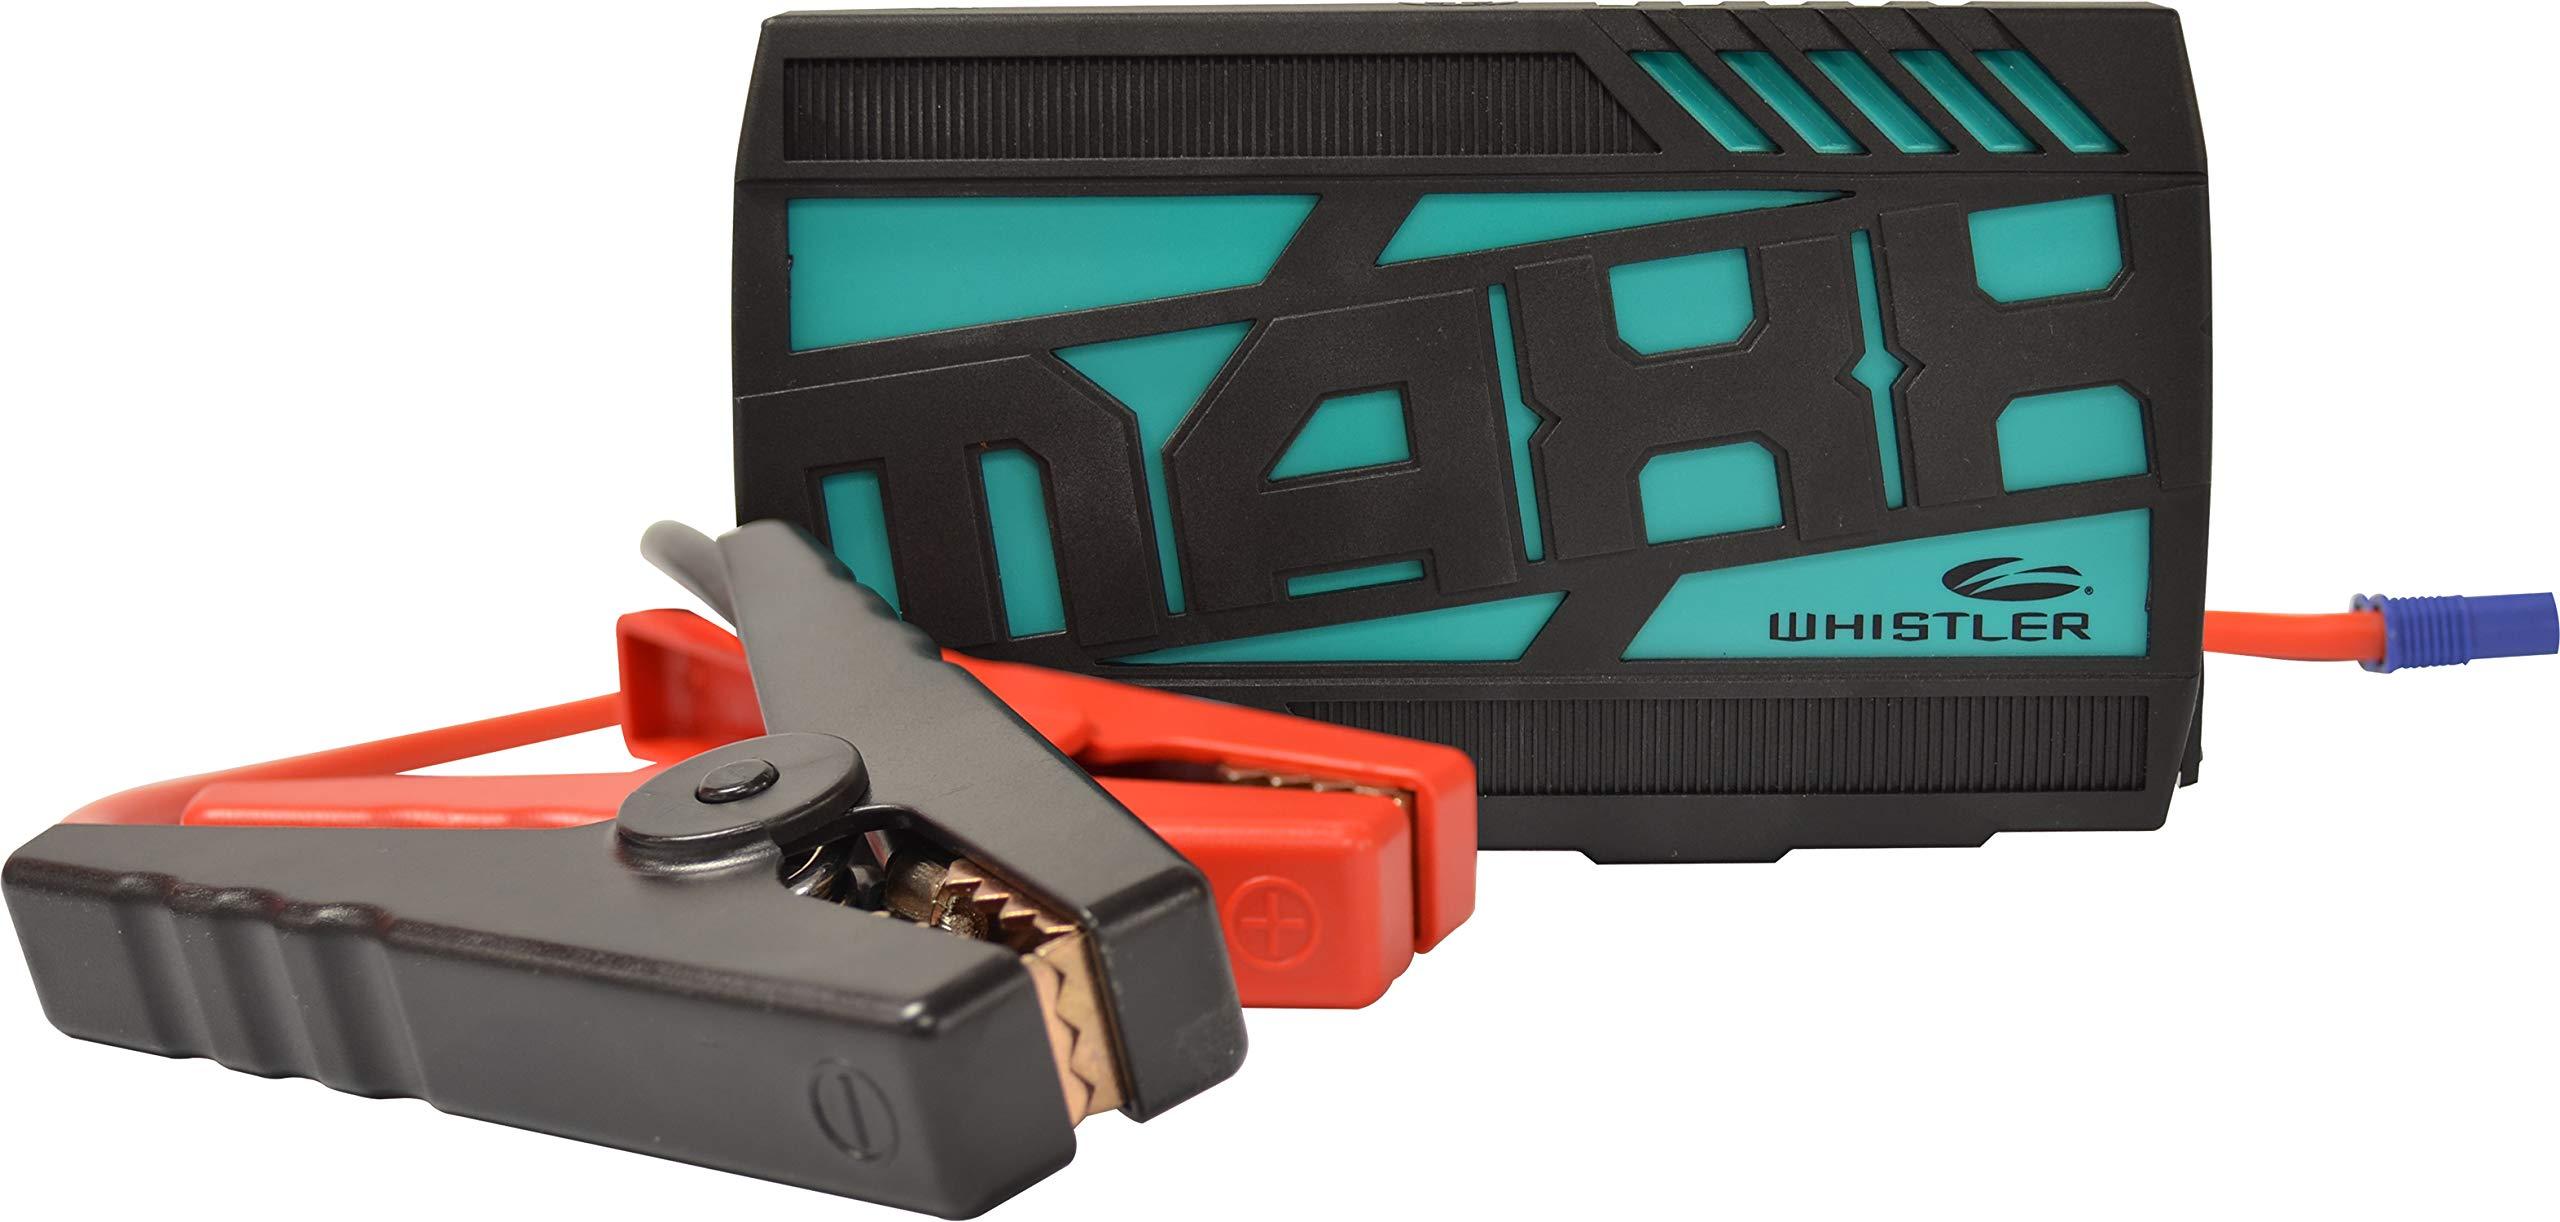 Whistler WJS-6000 MAXX Portable Lithium Jump Starter: 400 Starting 800 Peak Amps